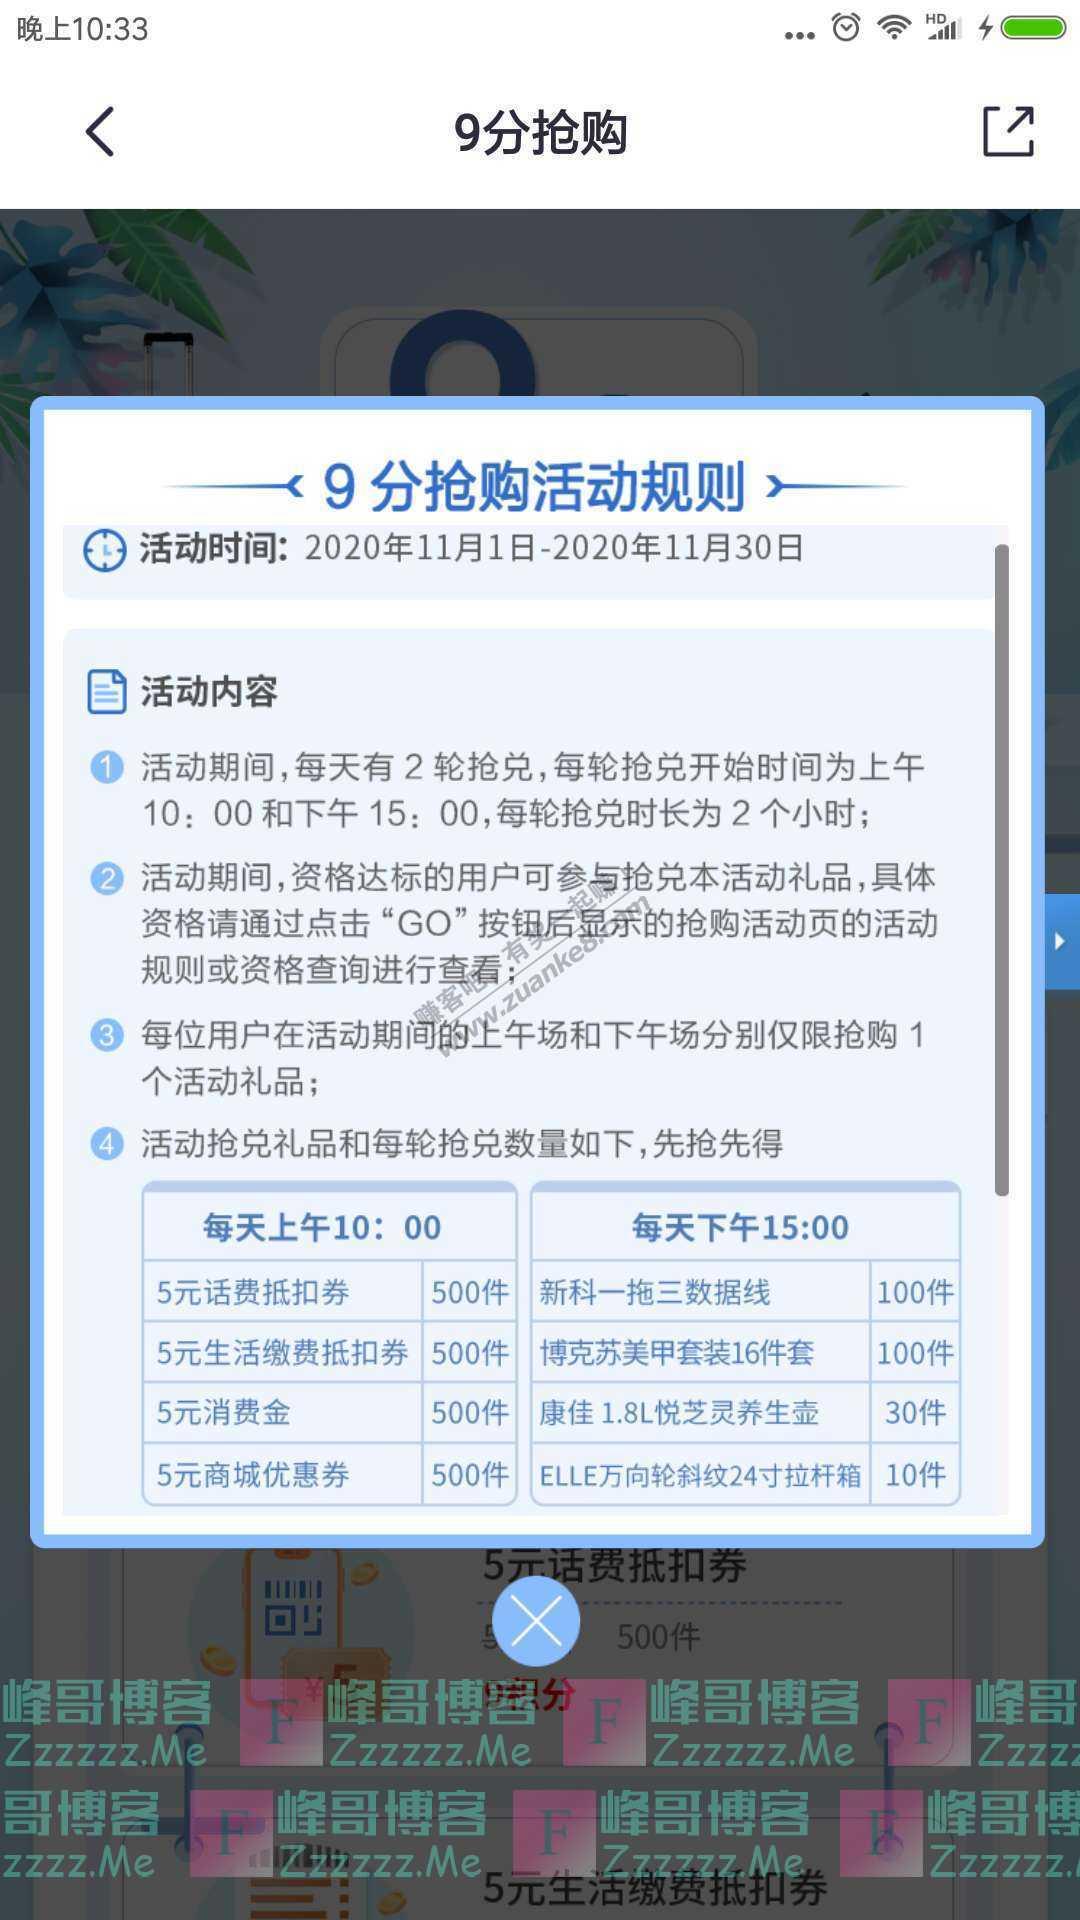 掌上生活app9分抢购(截止11月30日)